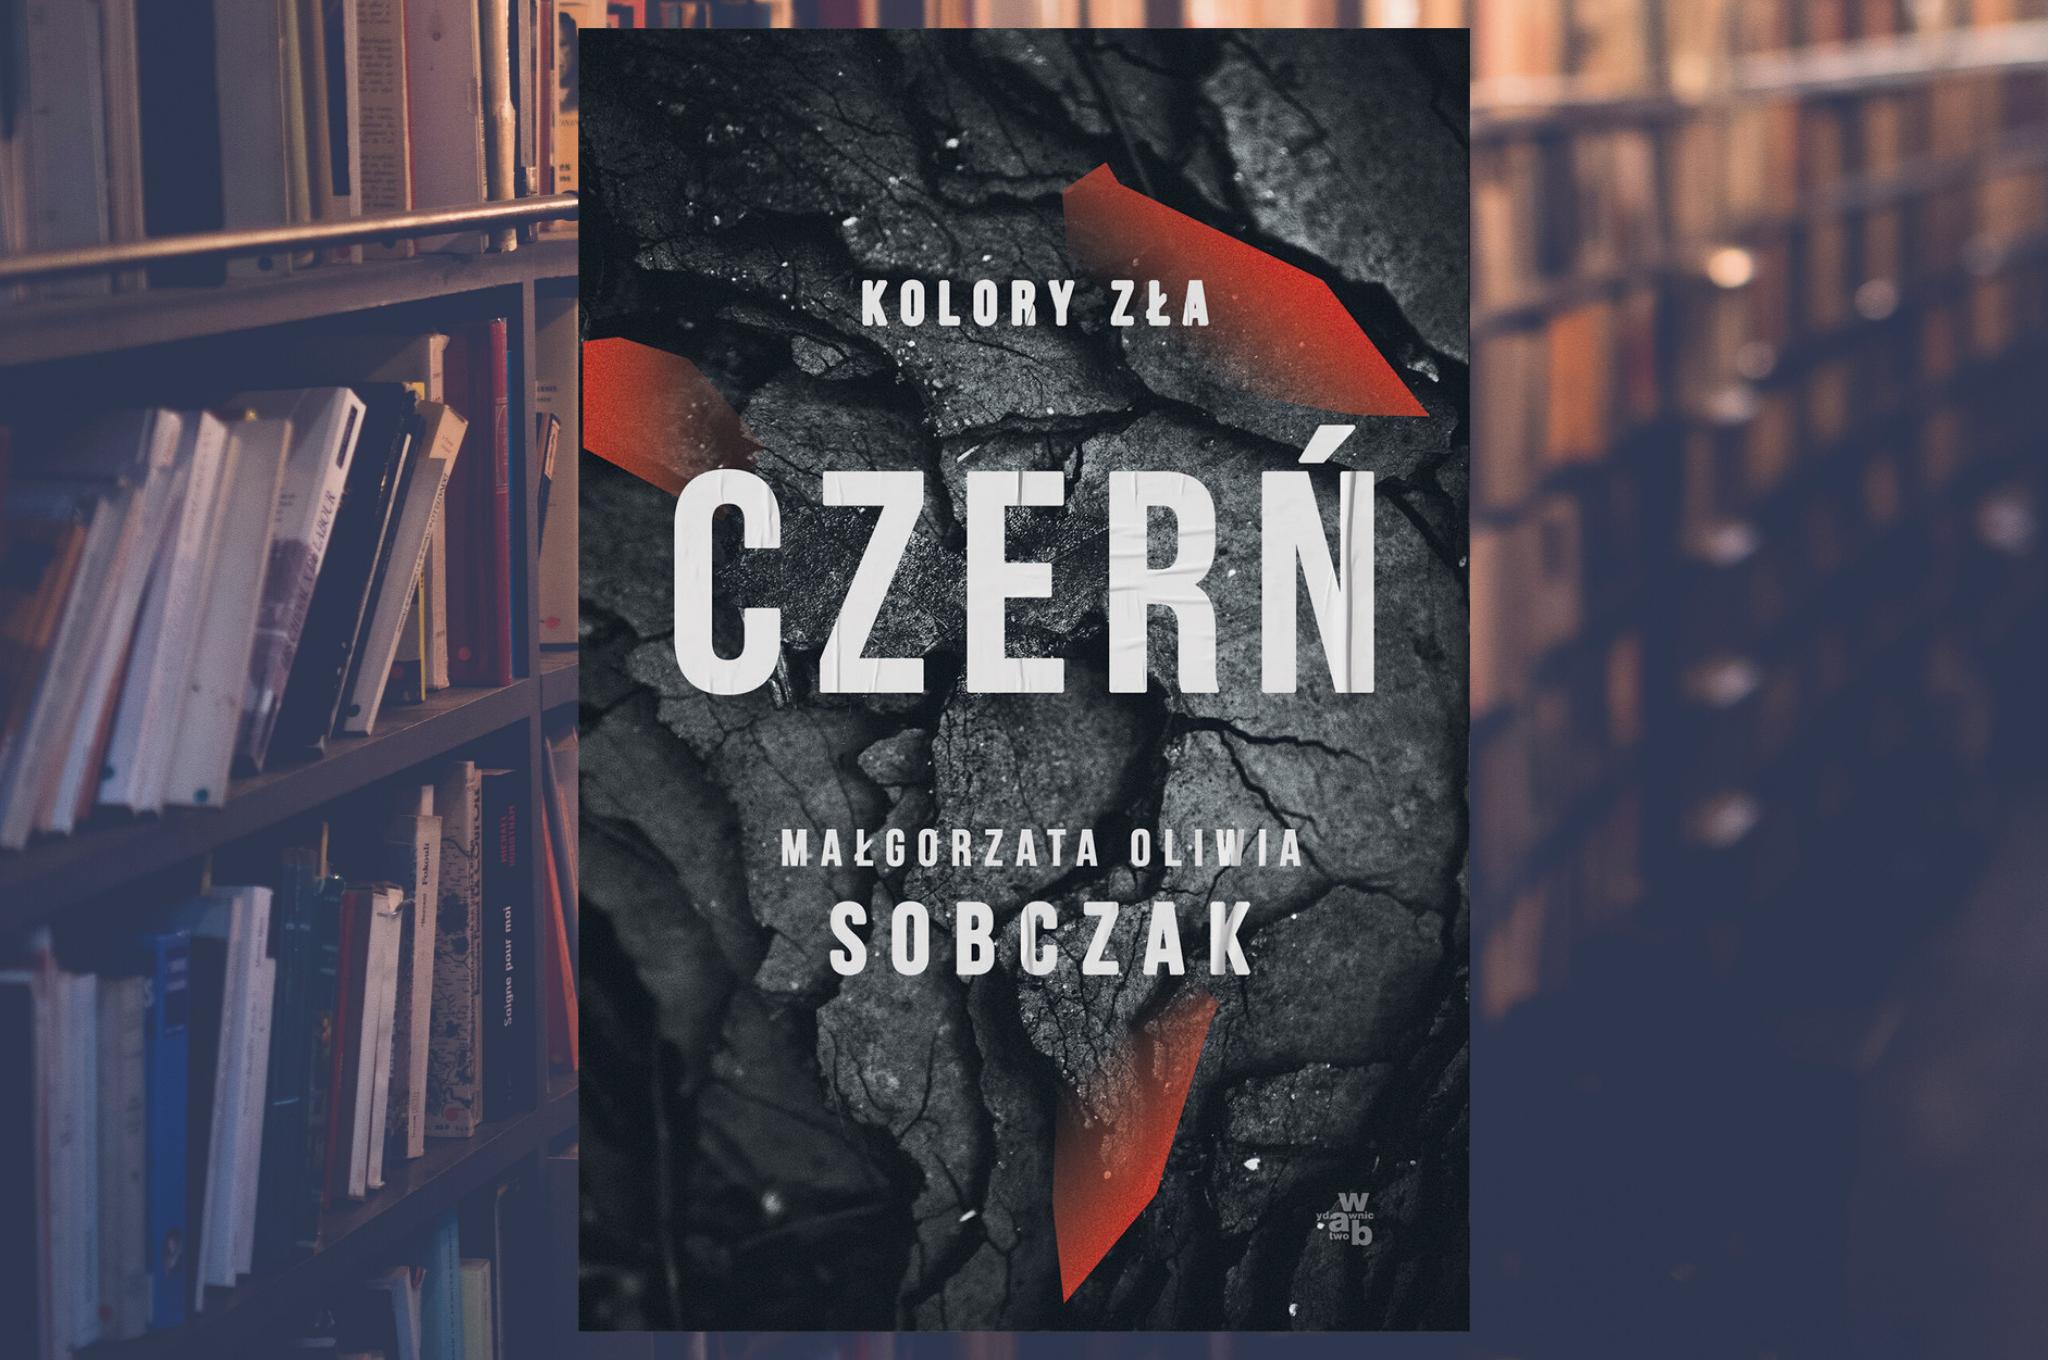 """MAŁGORZATA OLIWIA SOBCZAK """"KOLORY ZŁA. CZERŃ"""""""